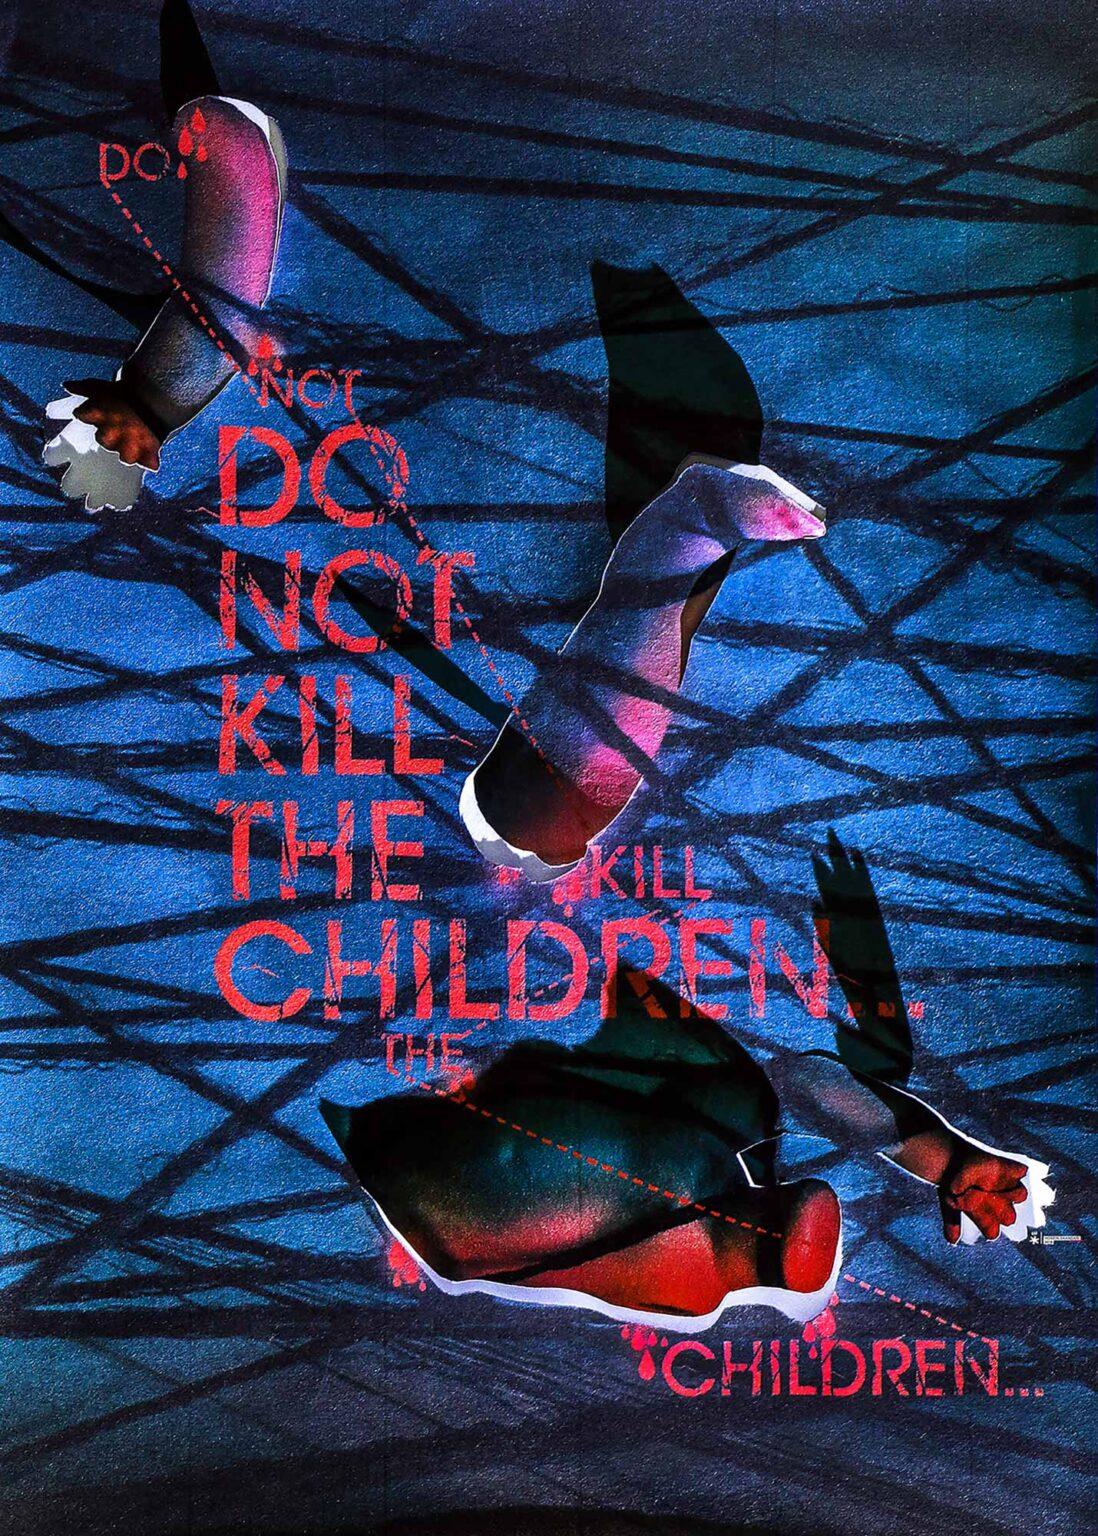 پوستر کودکان را نکشید اثر حسین اسکندری